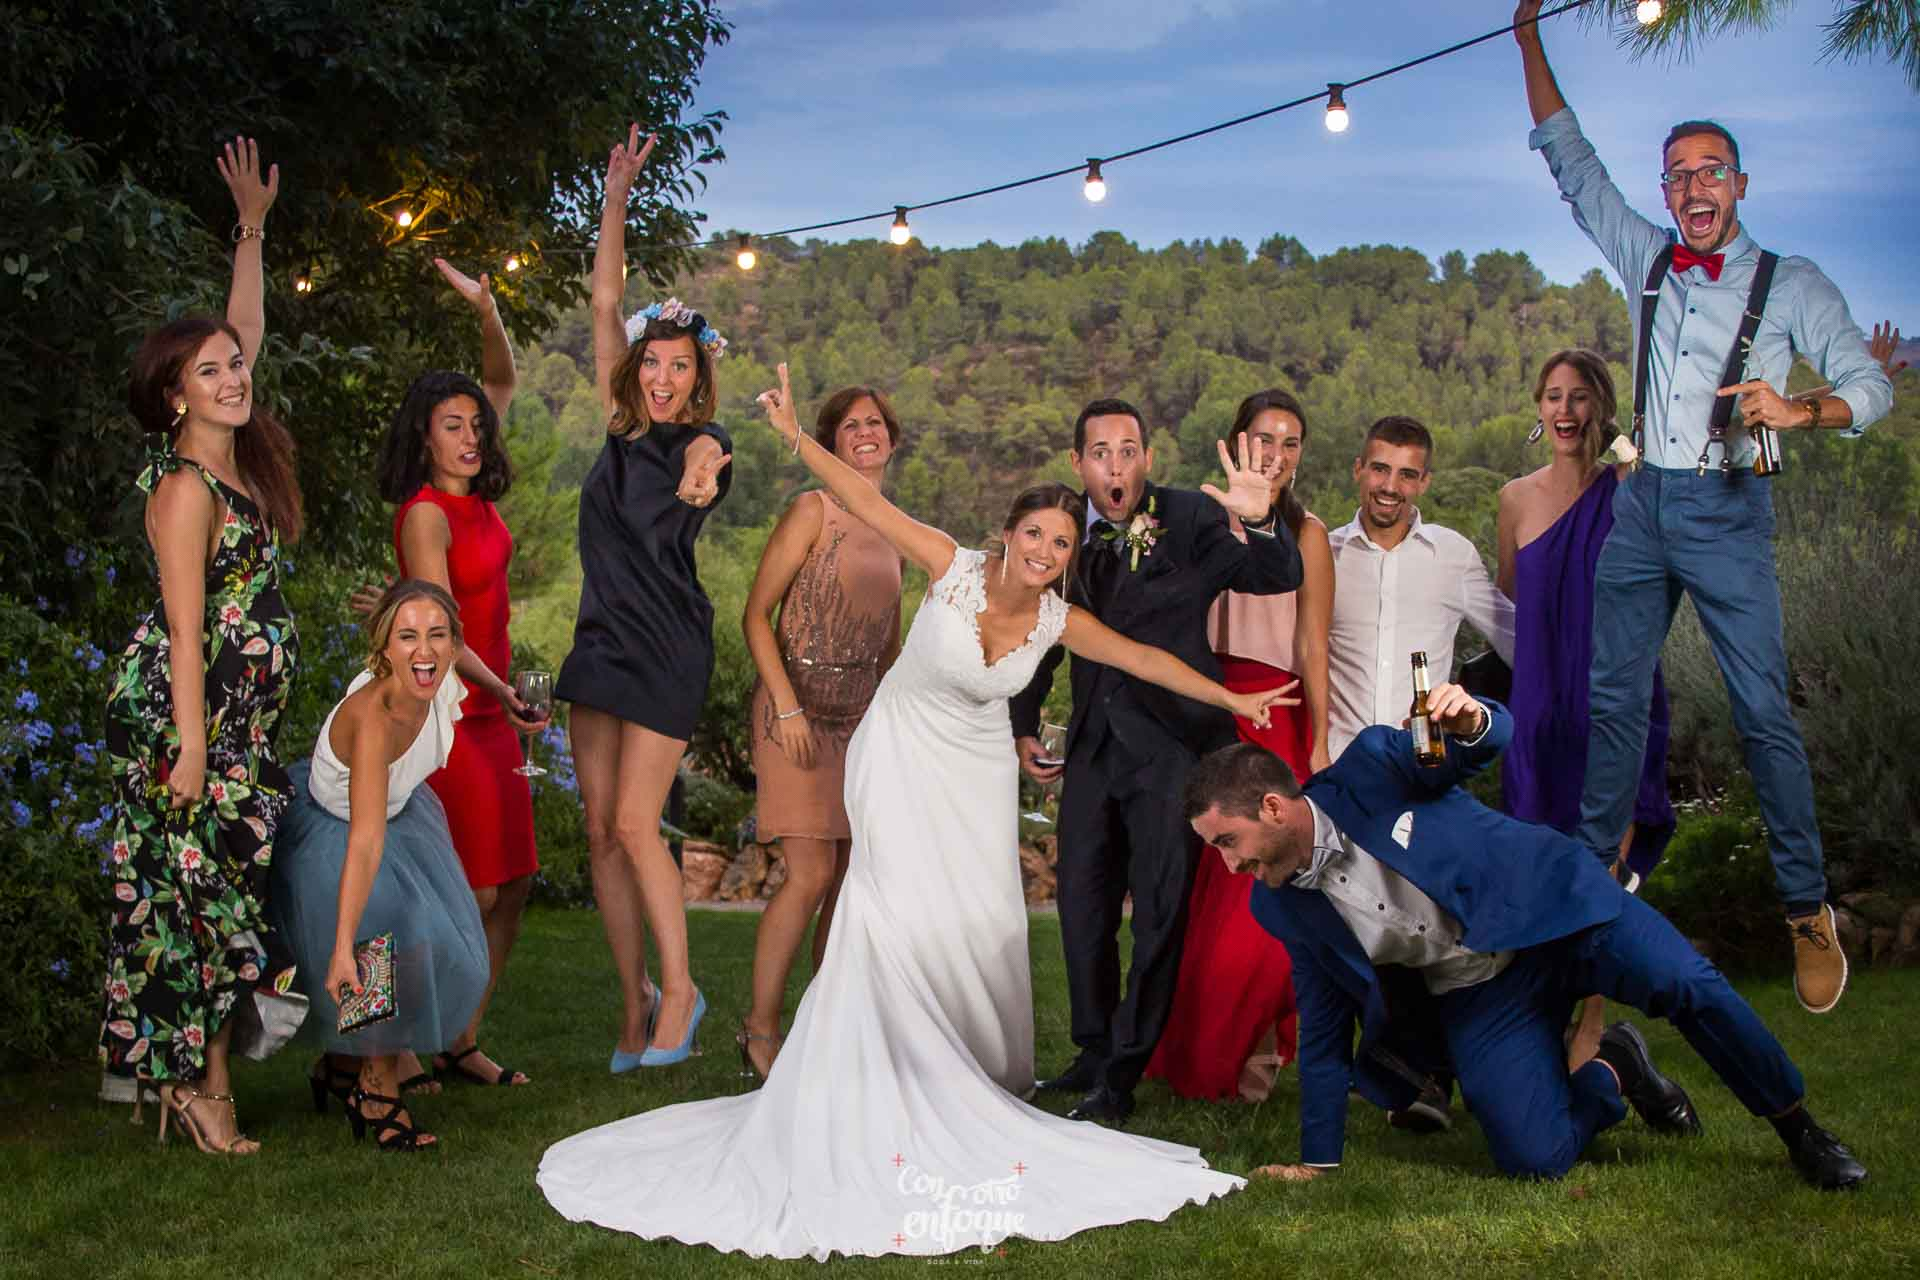 invitada perfecta en la boda con su grupo de amigos